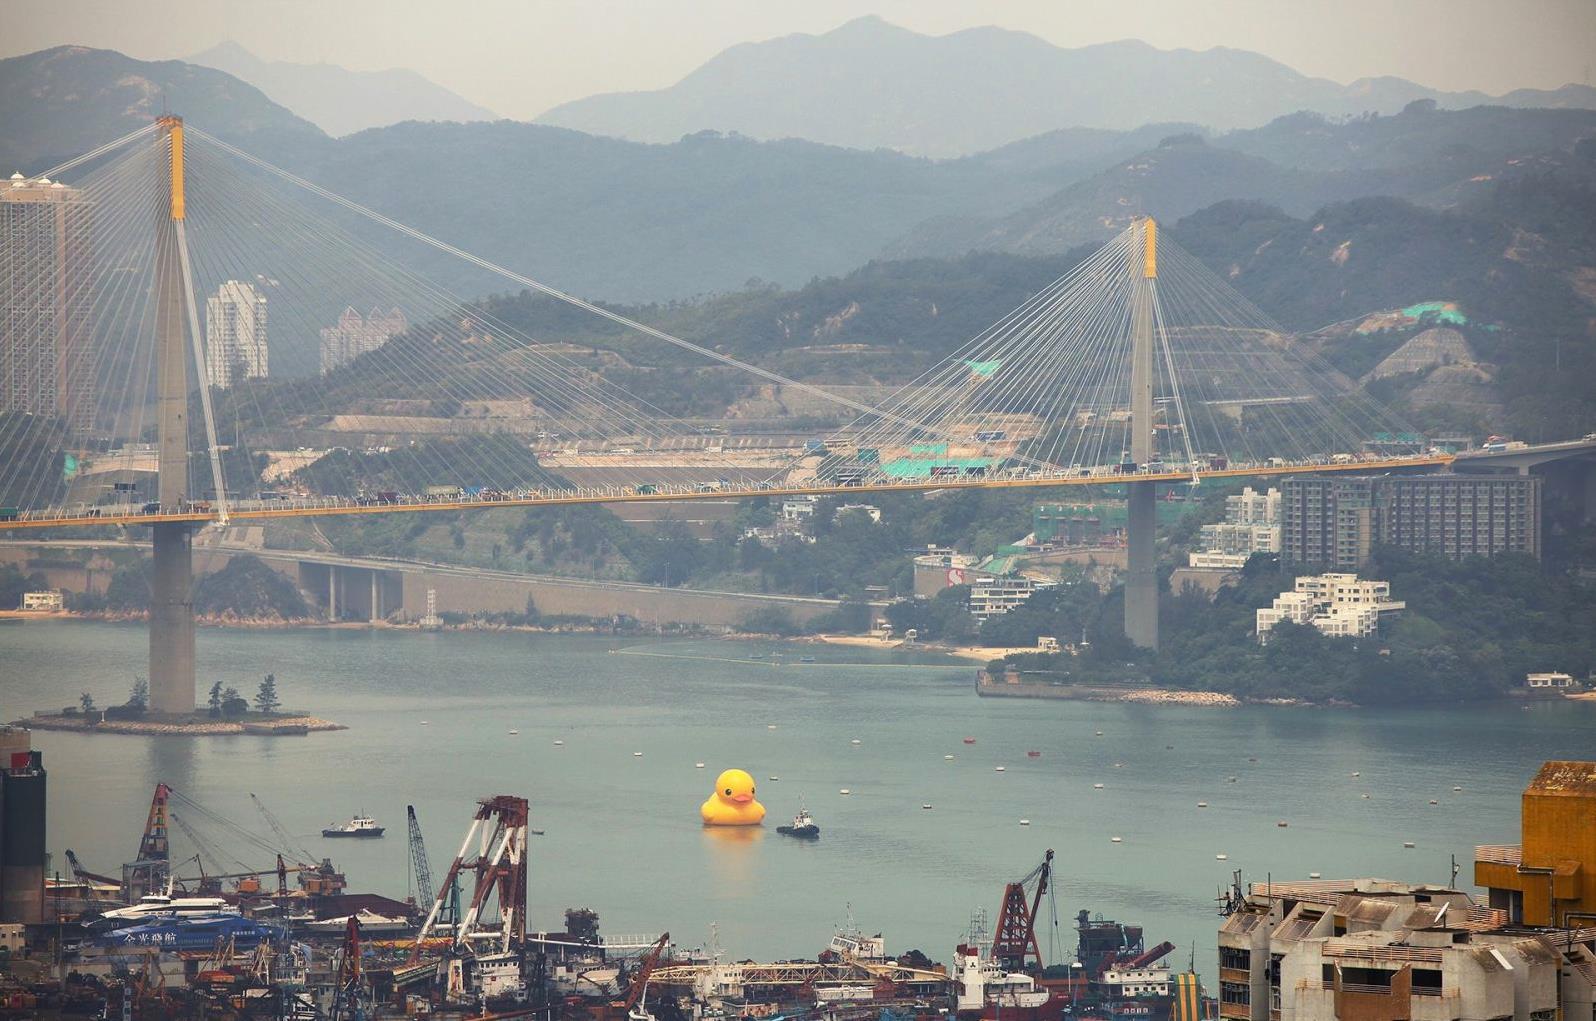 По гавани уточку водили: Крупнейшая Резиновая Утка («Rubber Duck») в мире прибыла в Гонконг